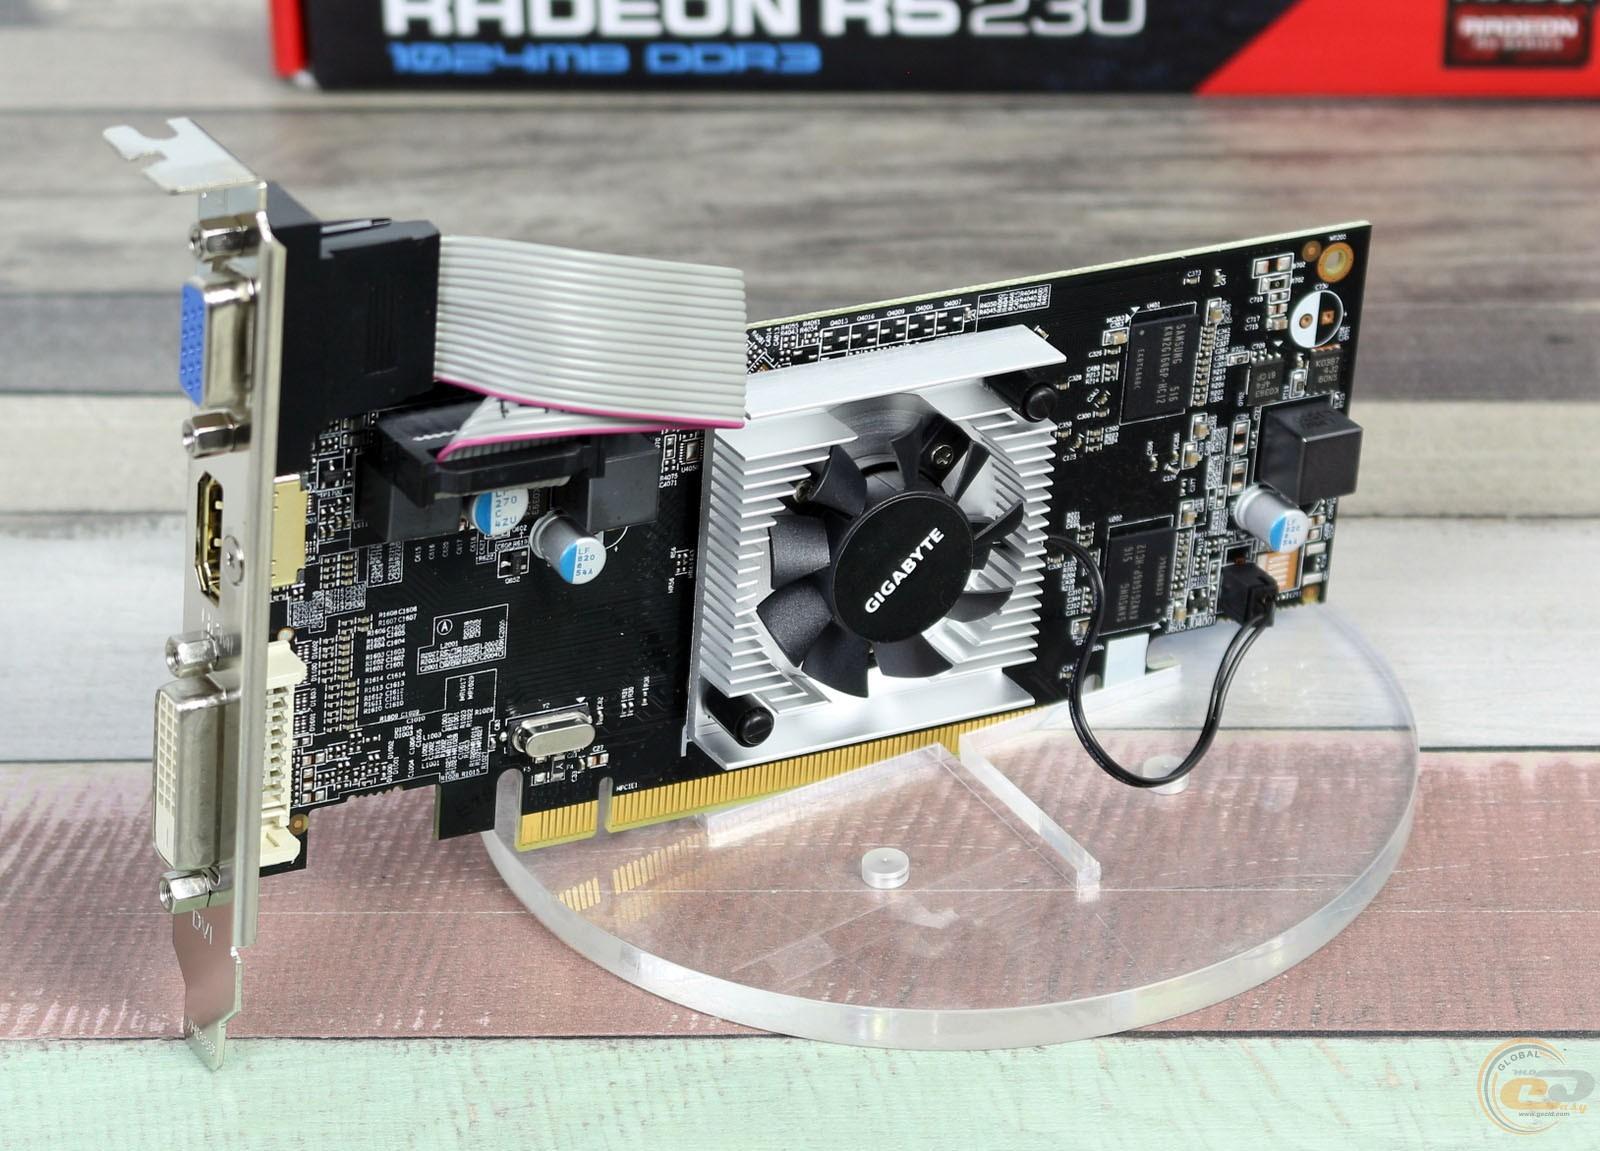 Обзор и тестирование видеокарты GIGABYTE Radeon R5 230 1GB